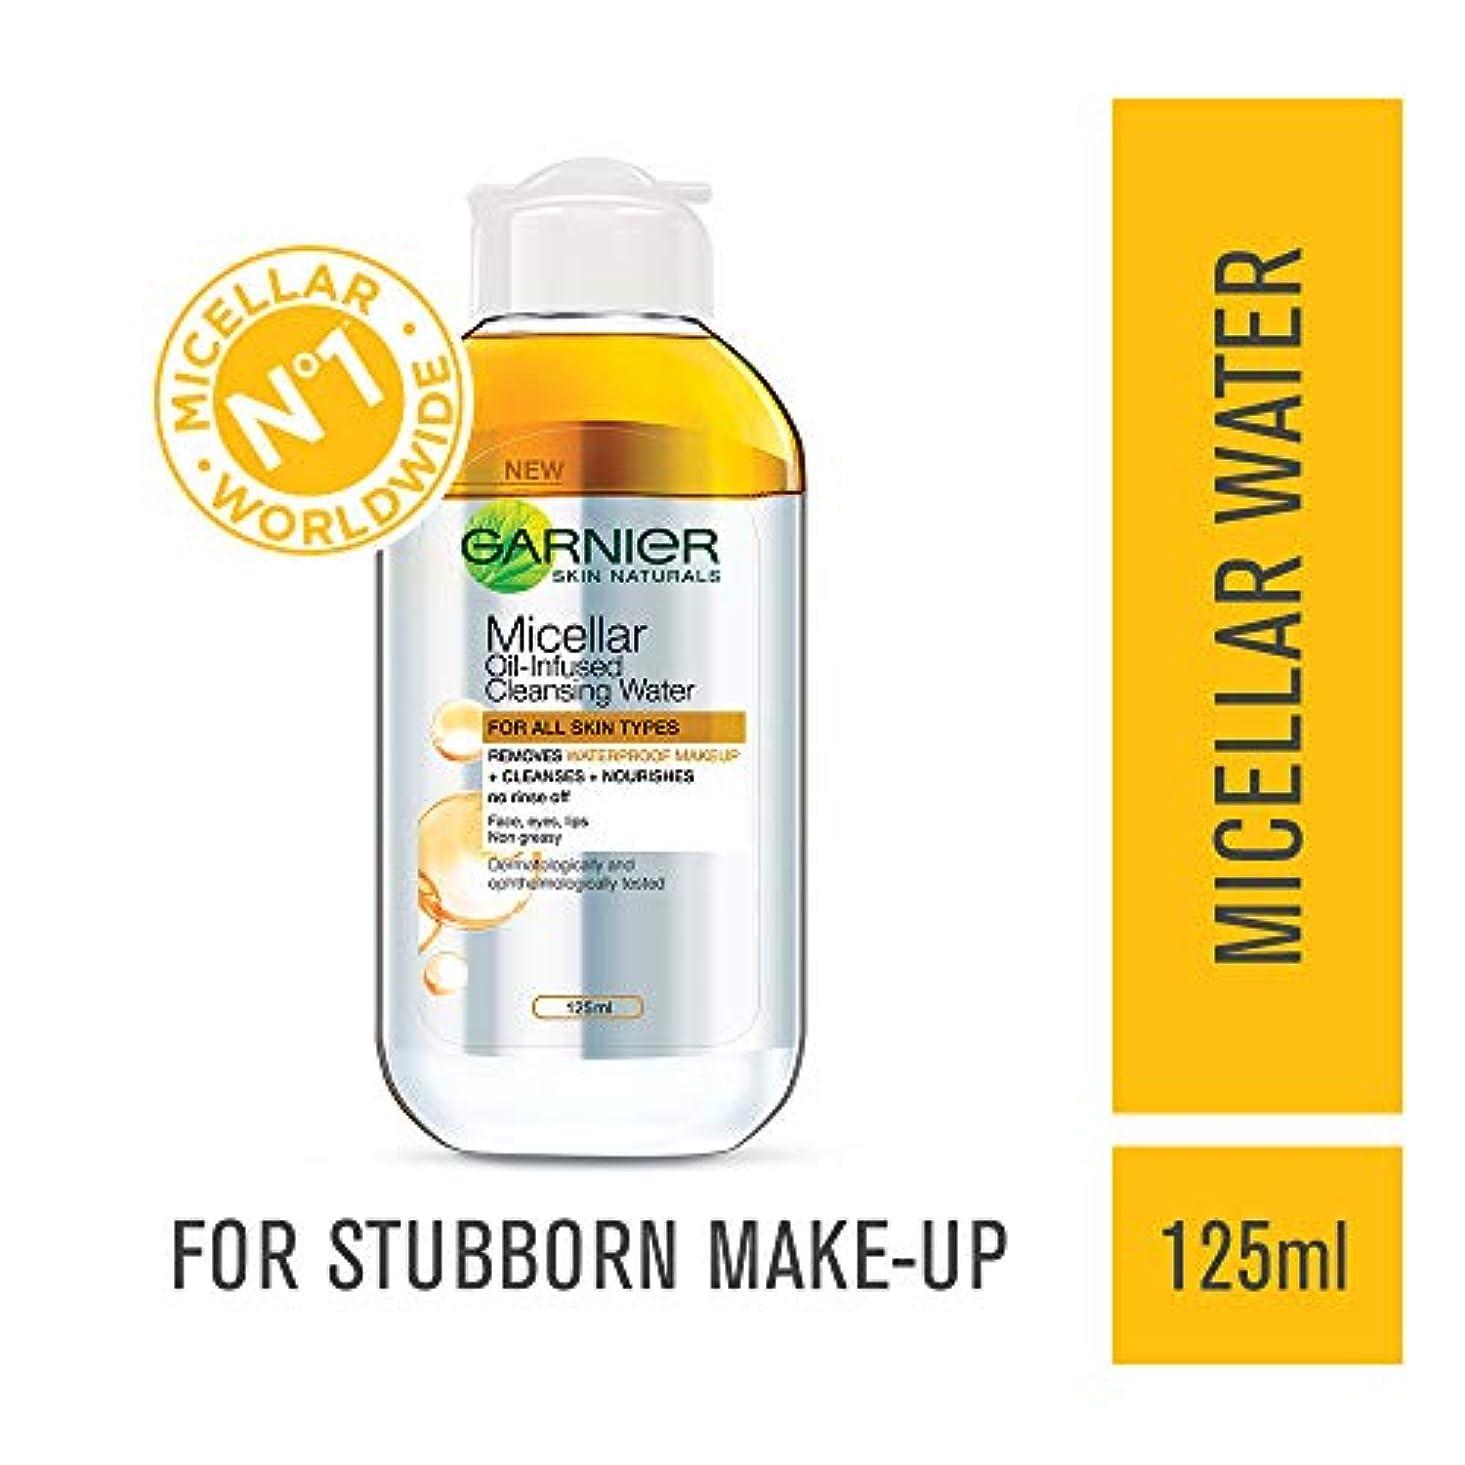 Garnier Skin Naturals Micellar Cleansing Bi Phase Water, 125ml